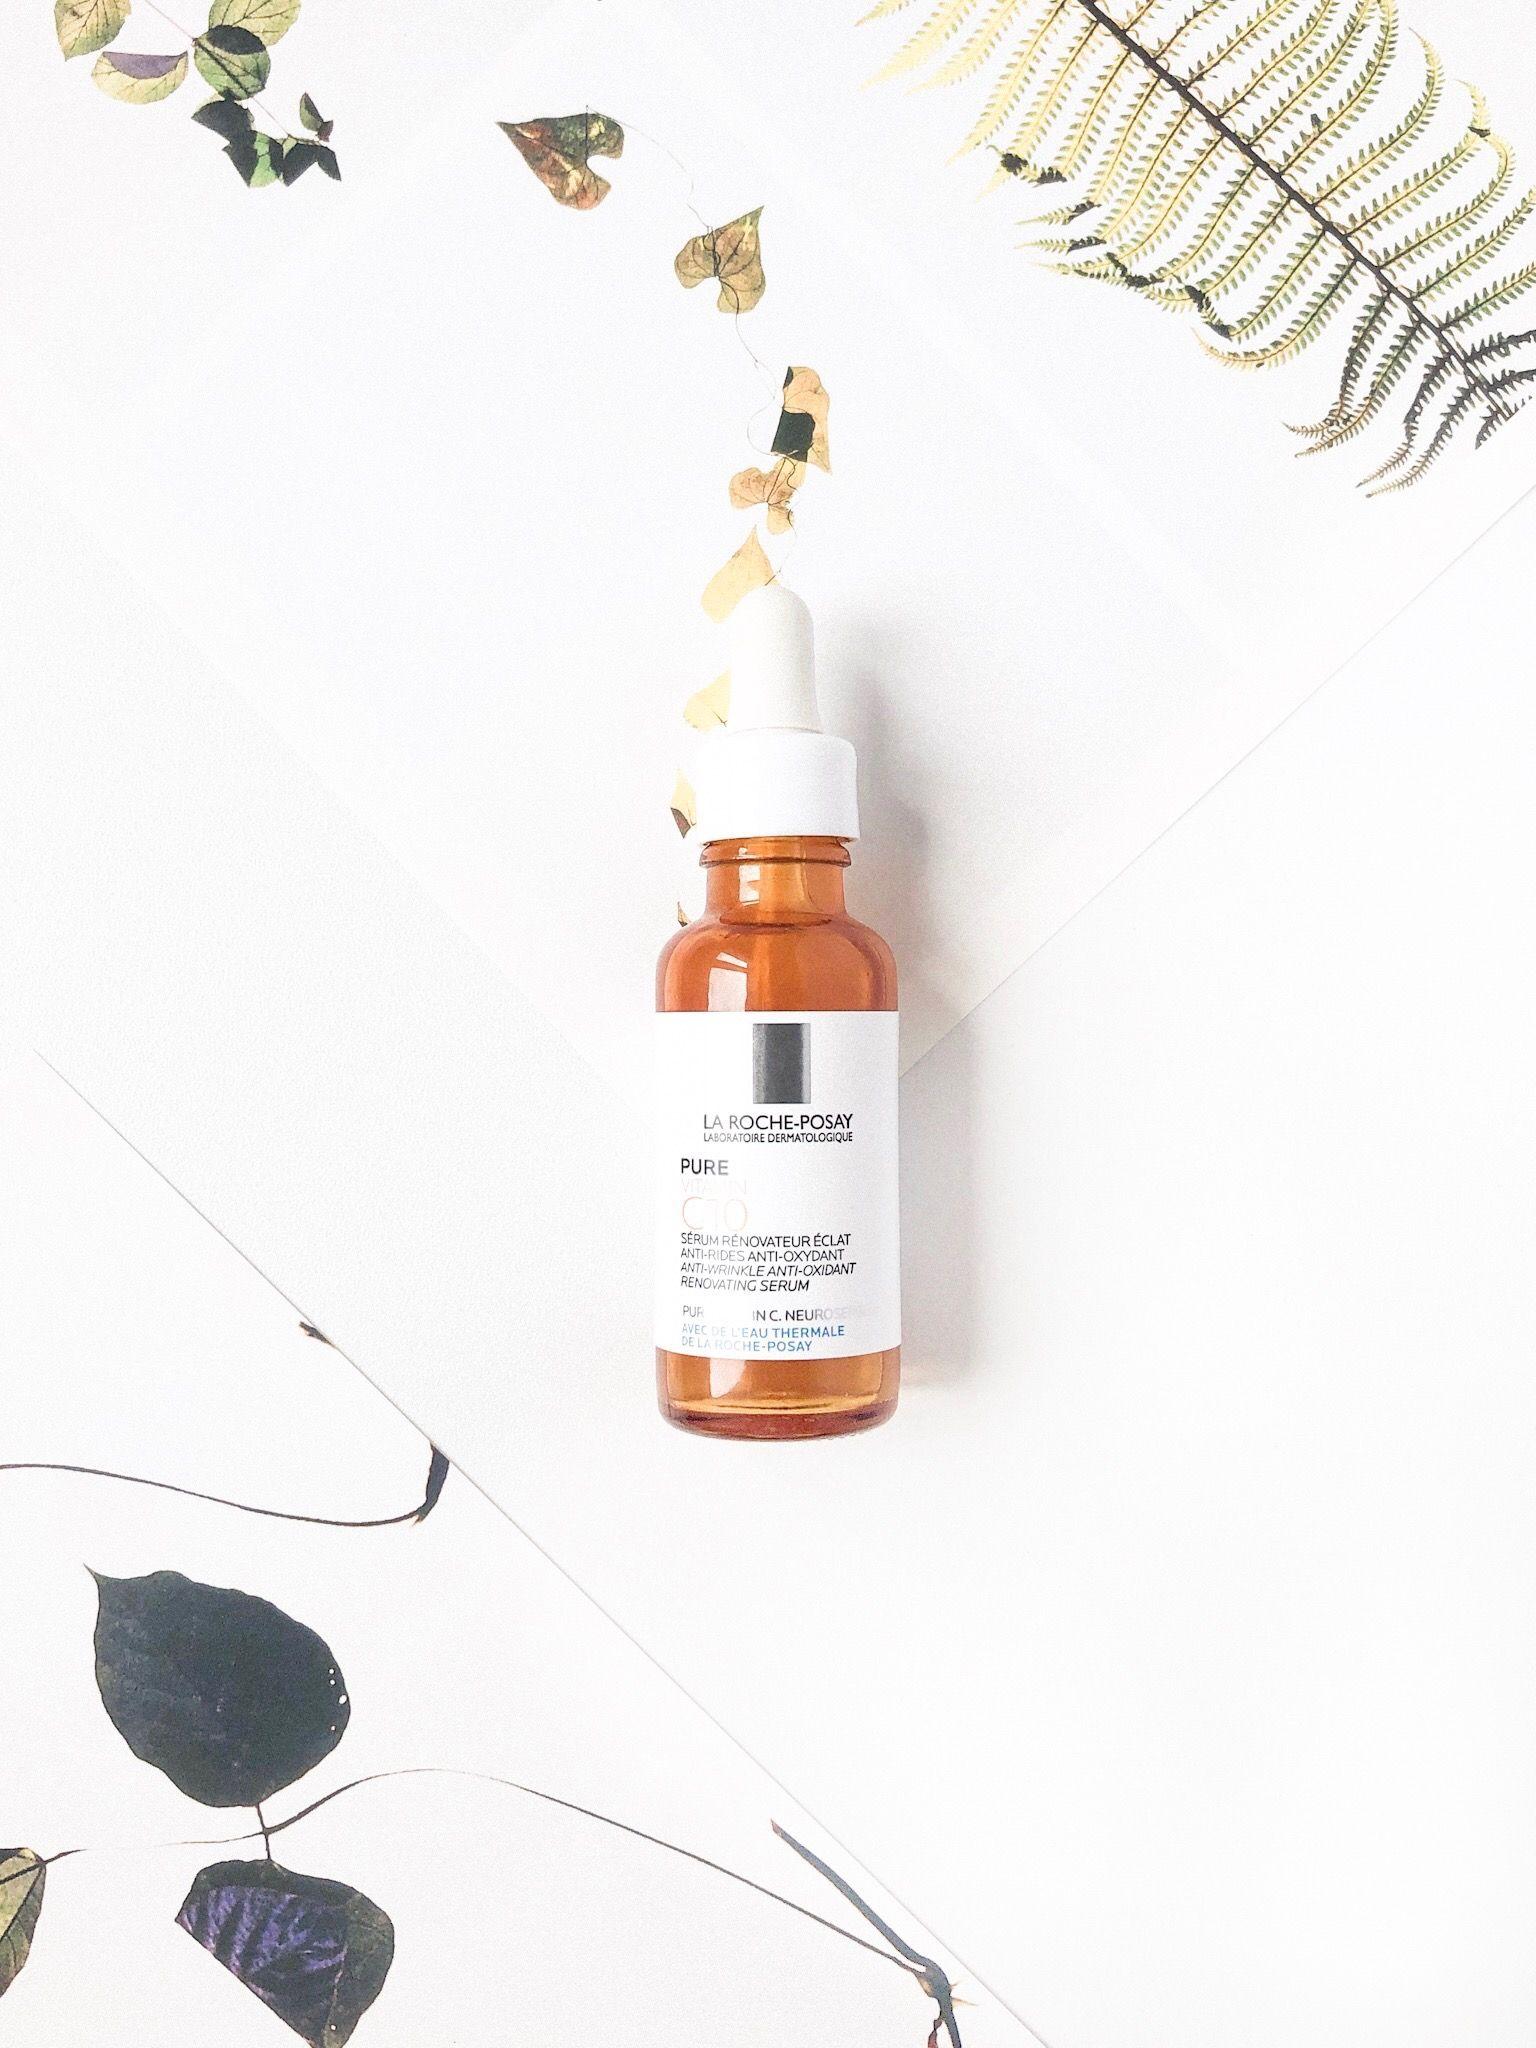 Review La Roche Posay Pure Vitamin C10 Blog De Belleza Cuidado De La Piel Rutina De Belleza